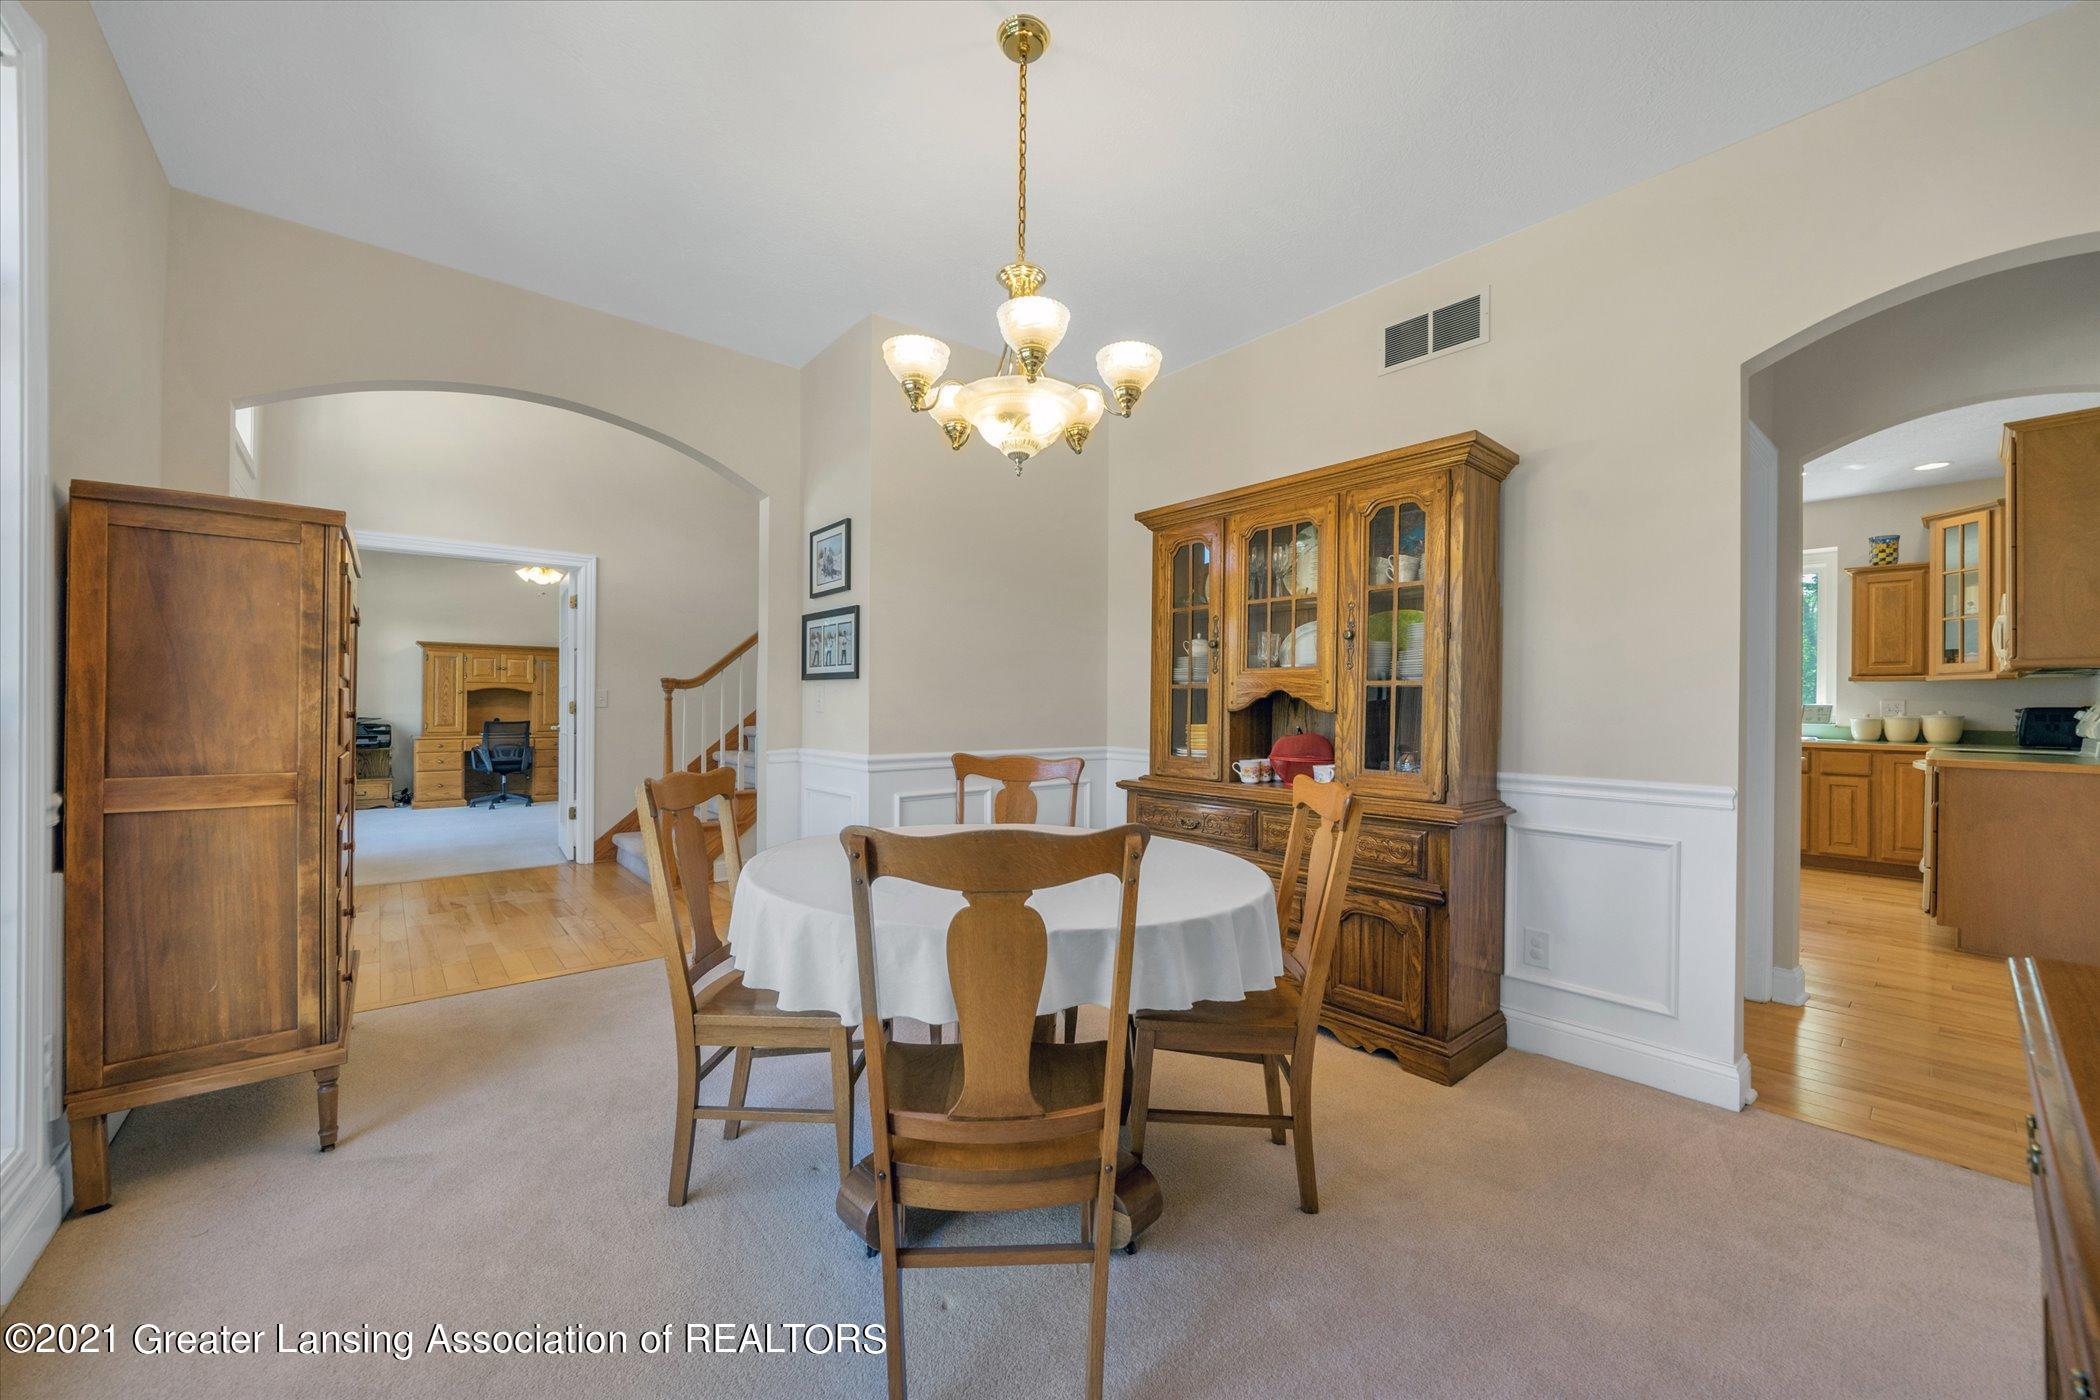 6542 White Clover Dr - MAIN FLOOR Dining Room - 6